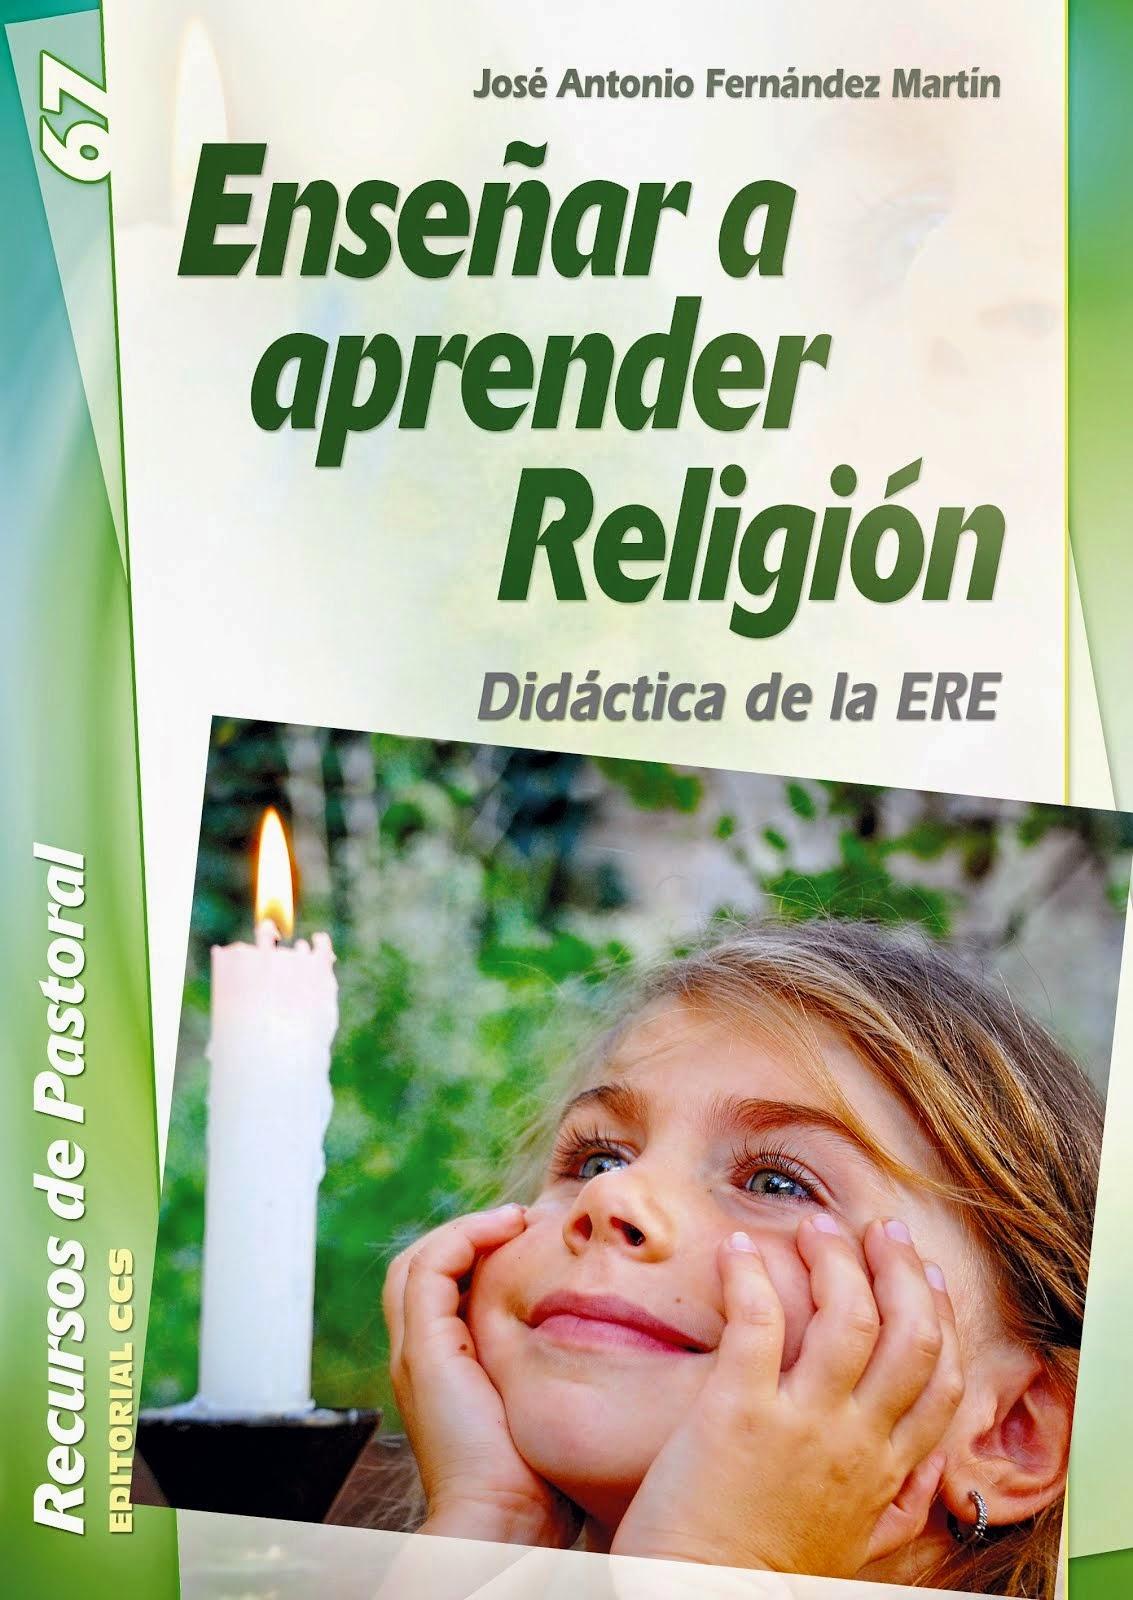 ENSEÑAR A APRENDER RELIGIÓN.